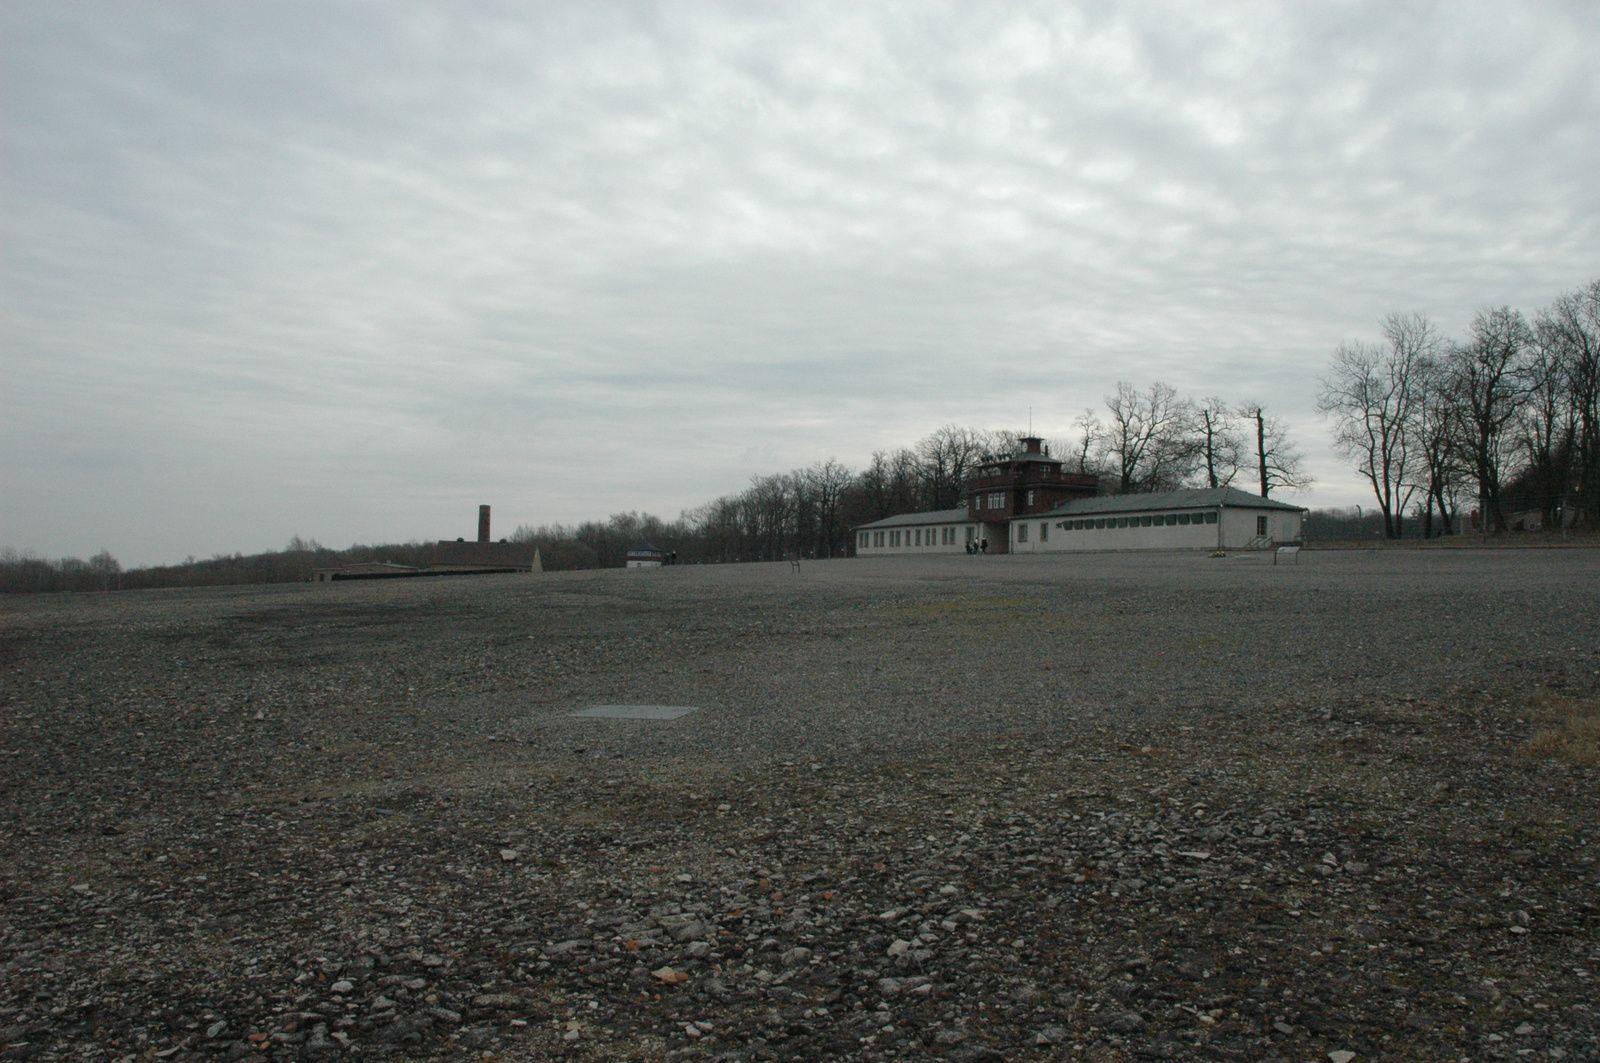 14 mars visite du camp de Buchenwald